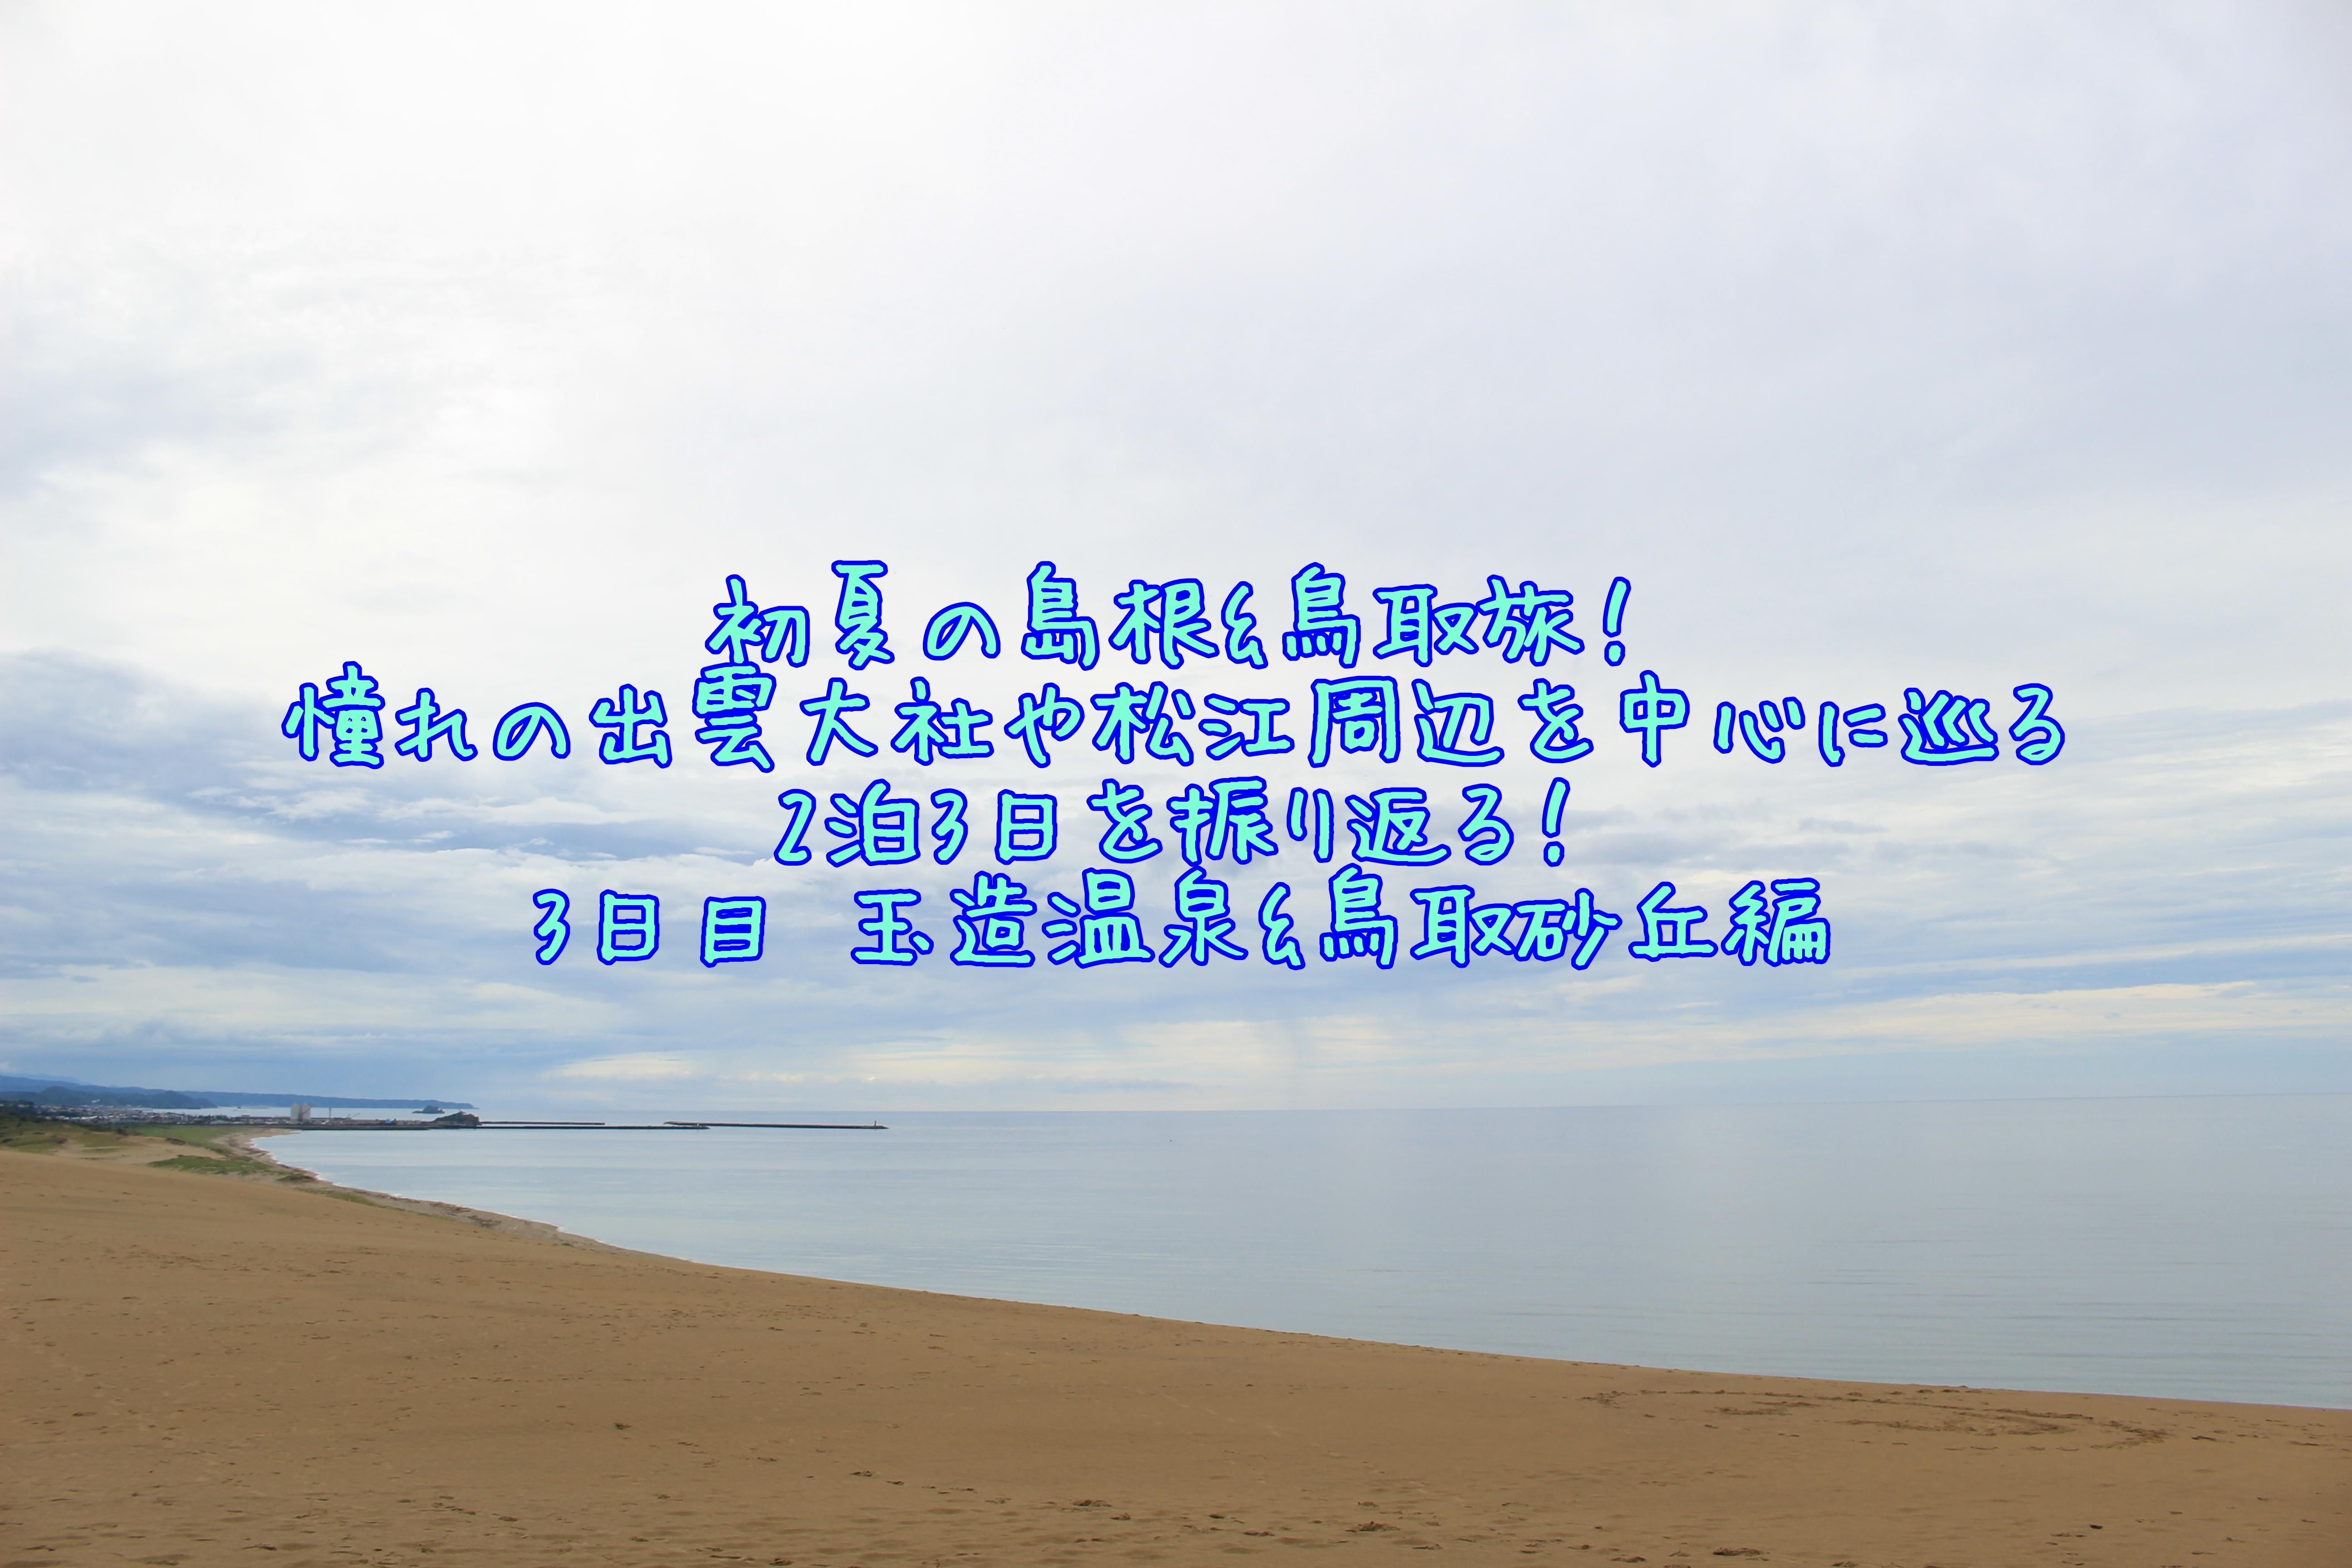 【鳥取旅行ブログ】初夏の島根&鳥取2泊3日!#3 【玉造温泉&鳥取砂丘編】